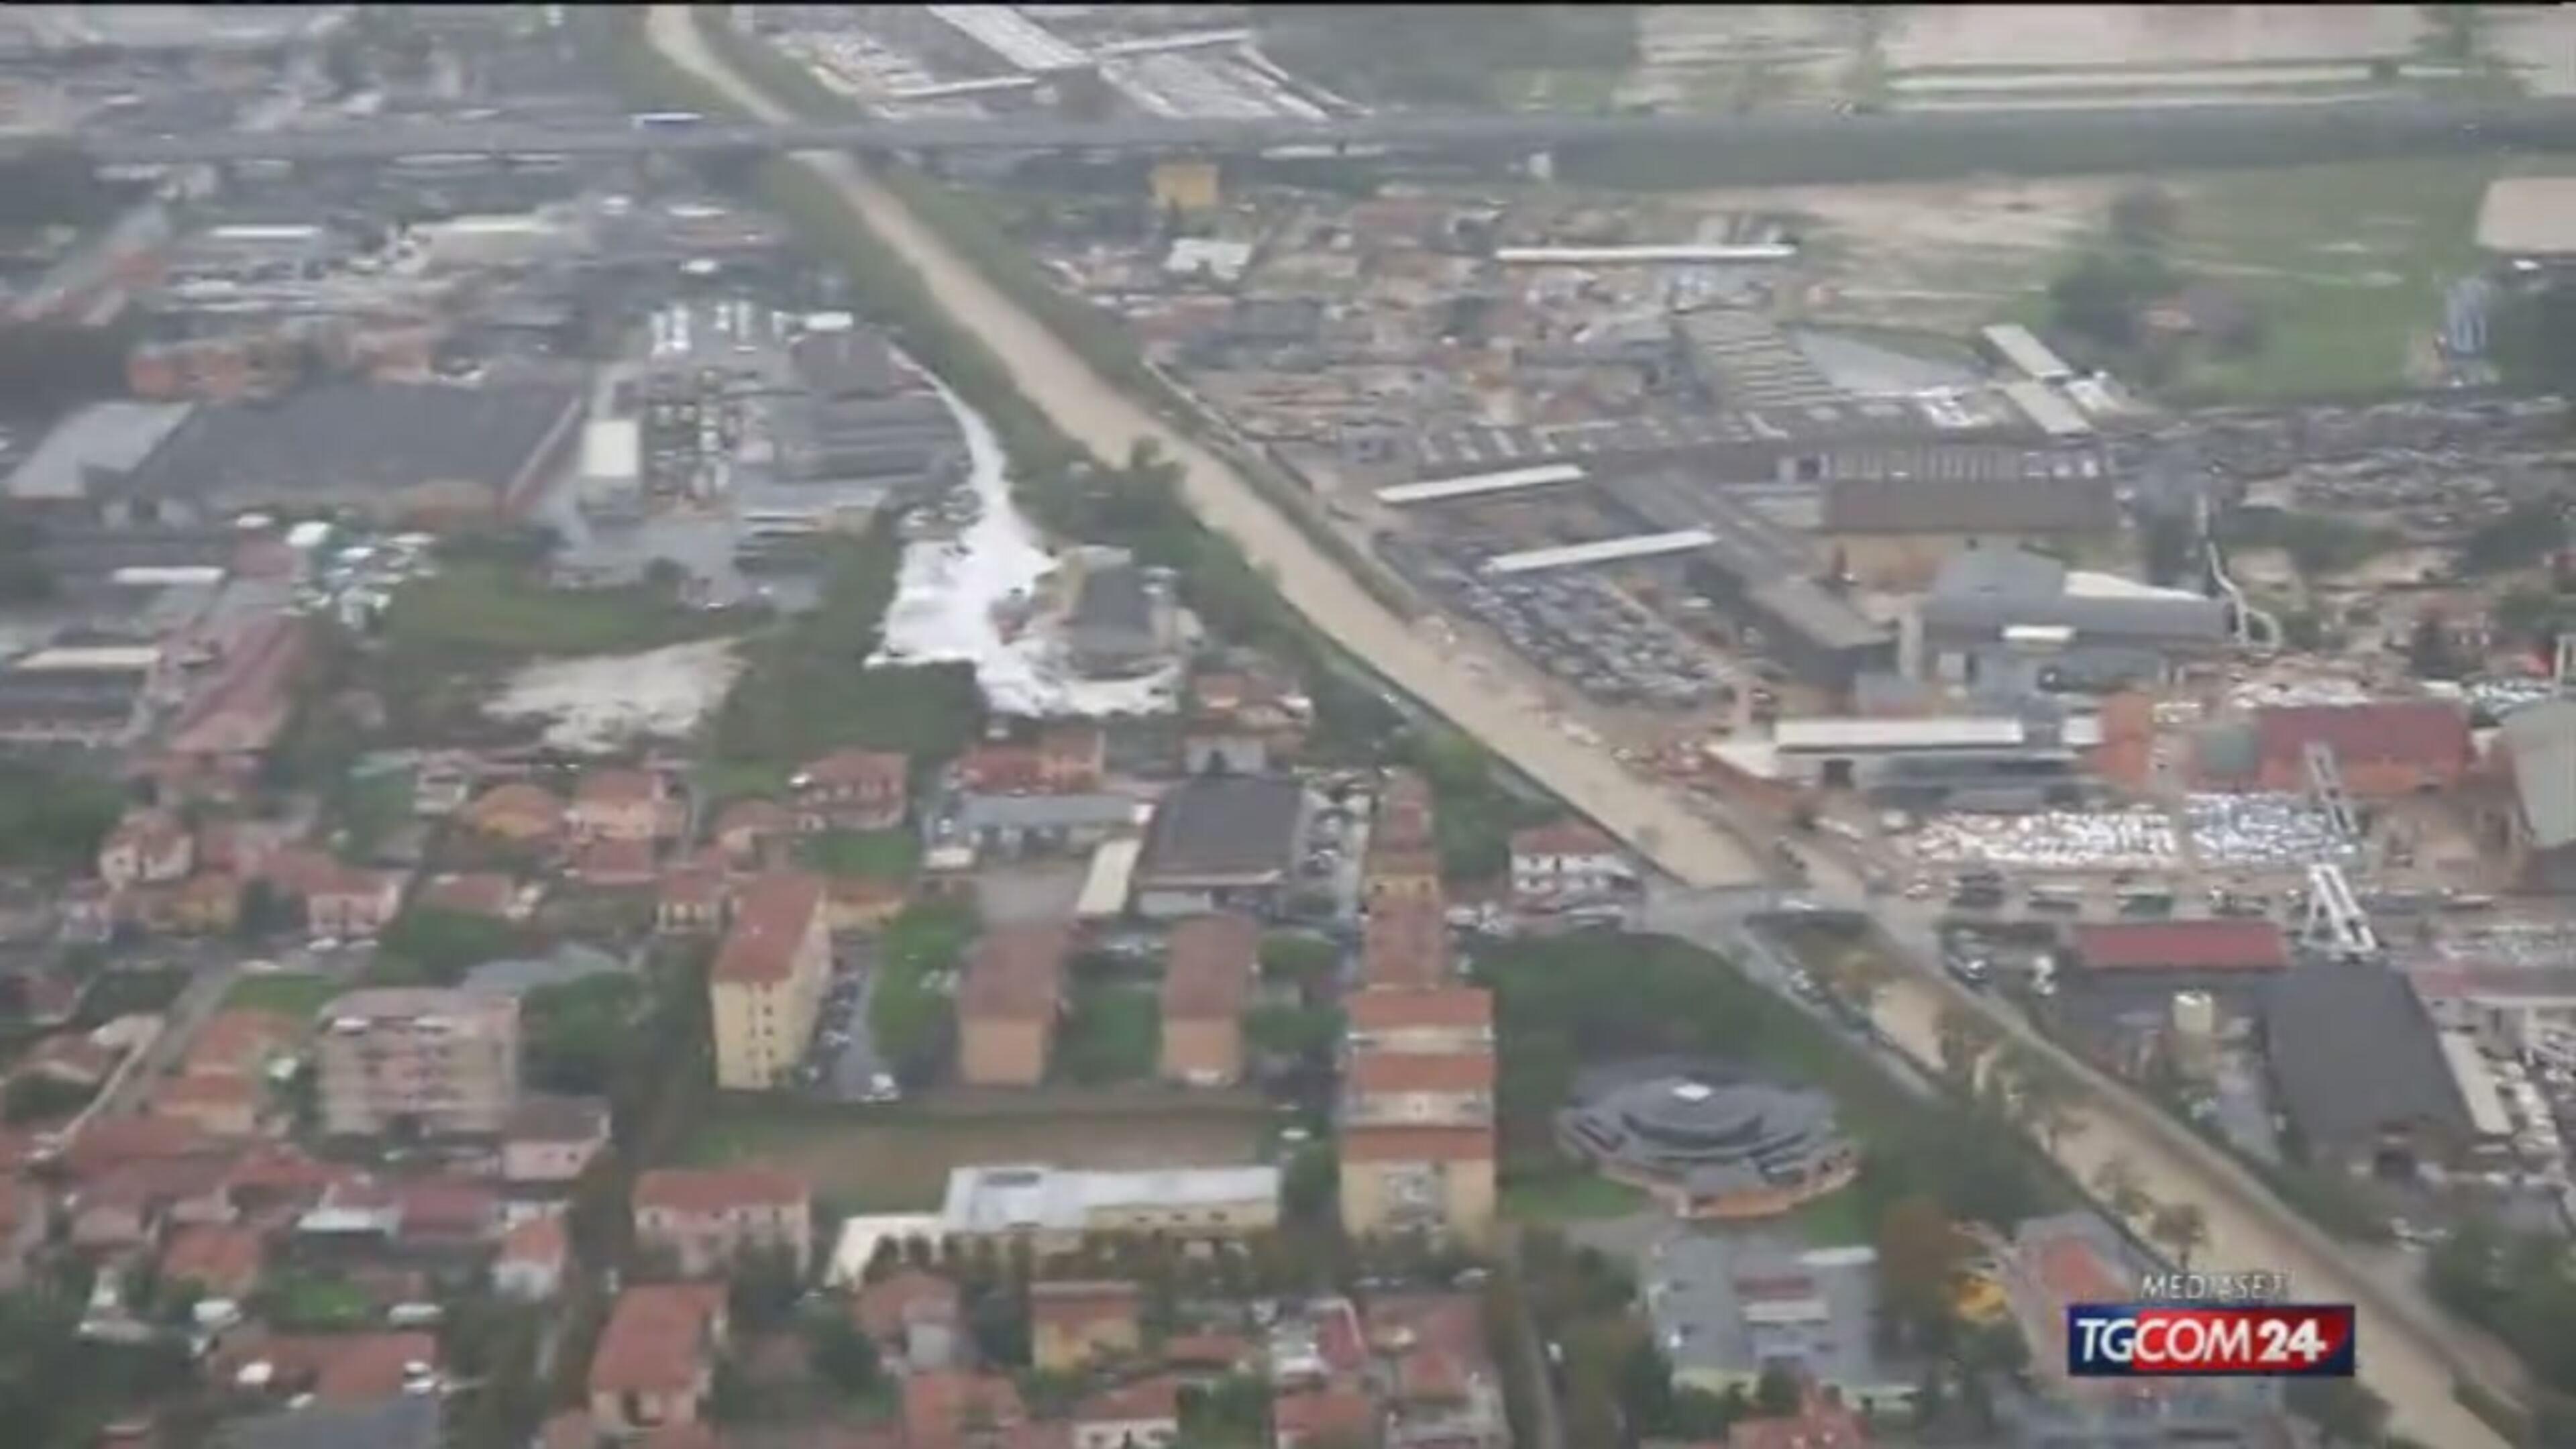 Elicottero Mediaset : Video tgcom carrara dall elicottero mediaset on demand